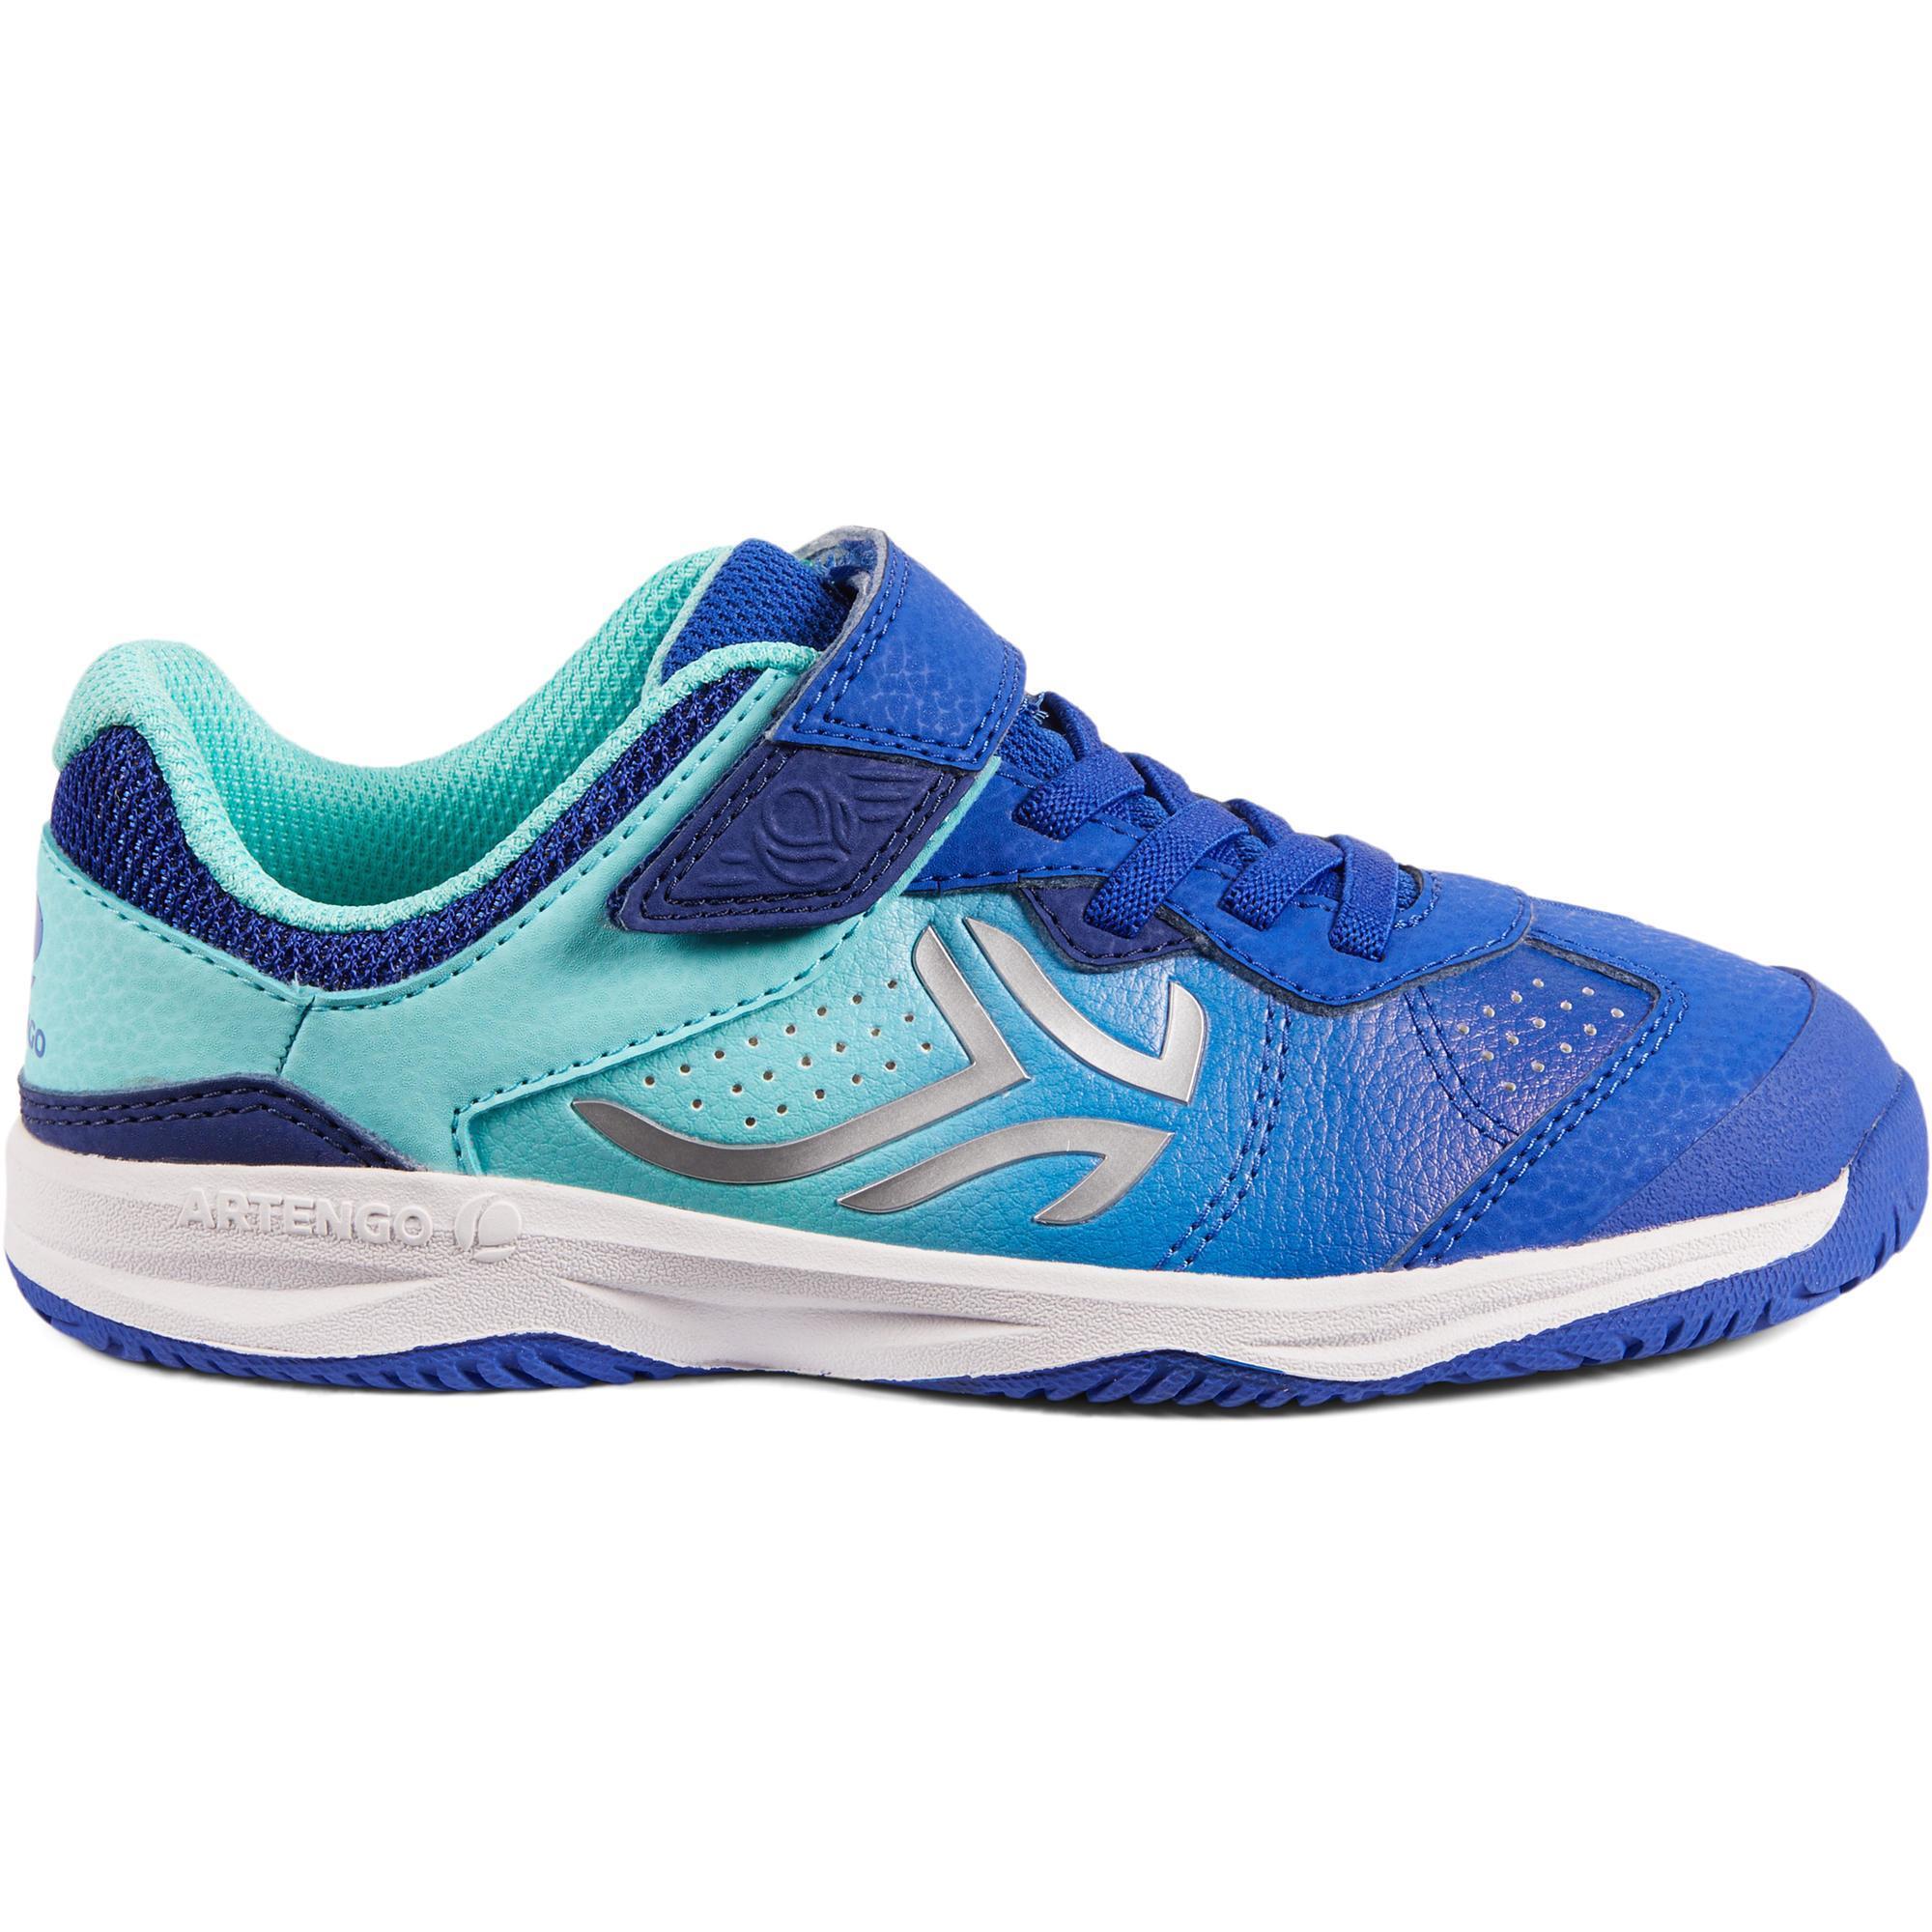 Artengo Tennisschoenen voor kinderen Artengo TS160 blauw/turkoois